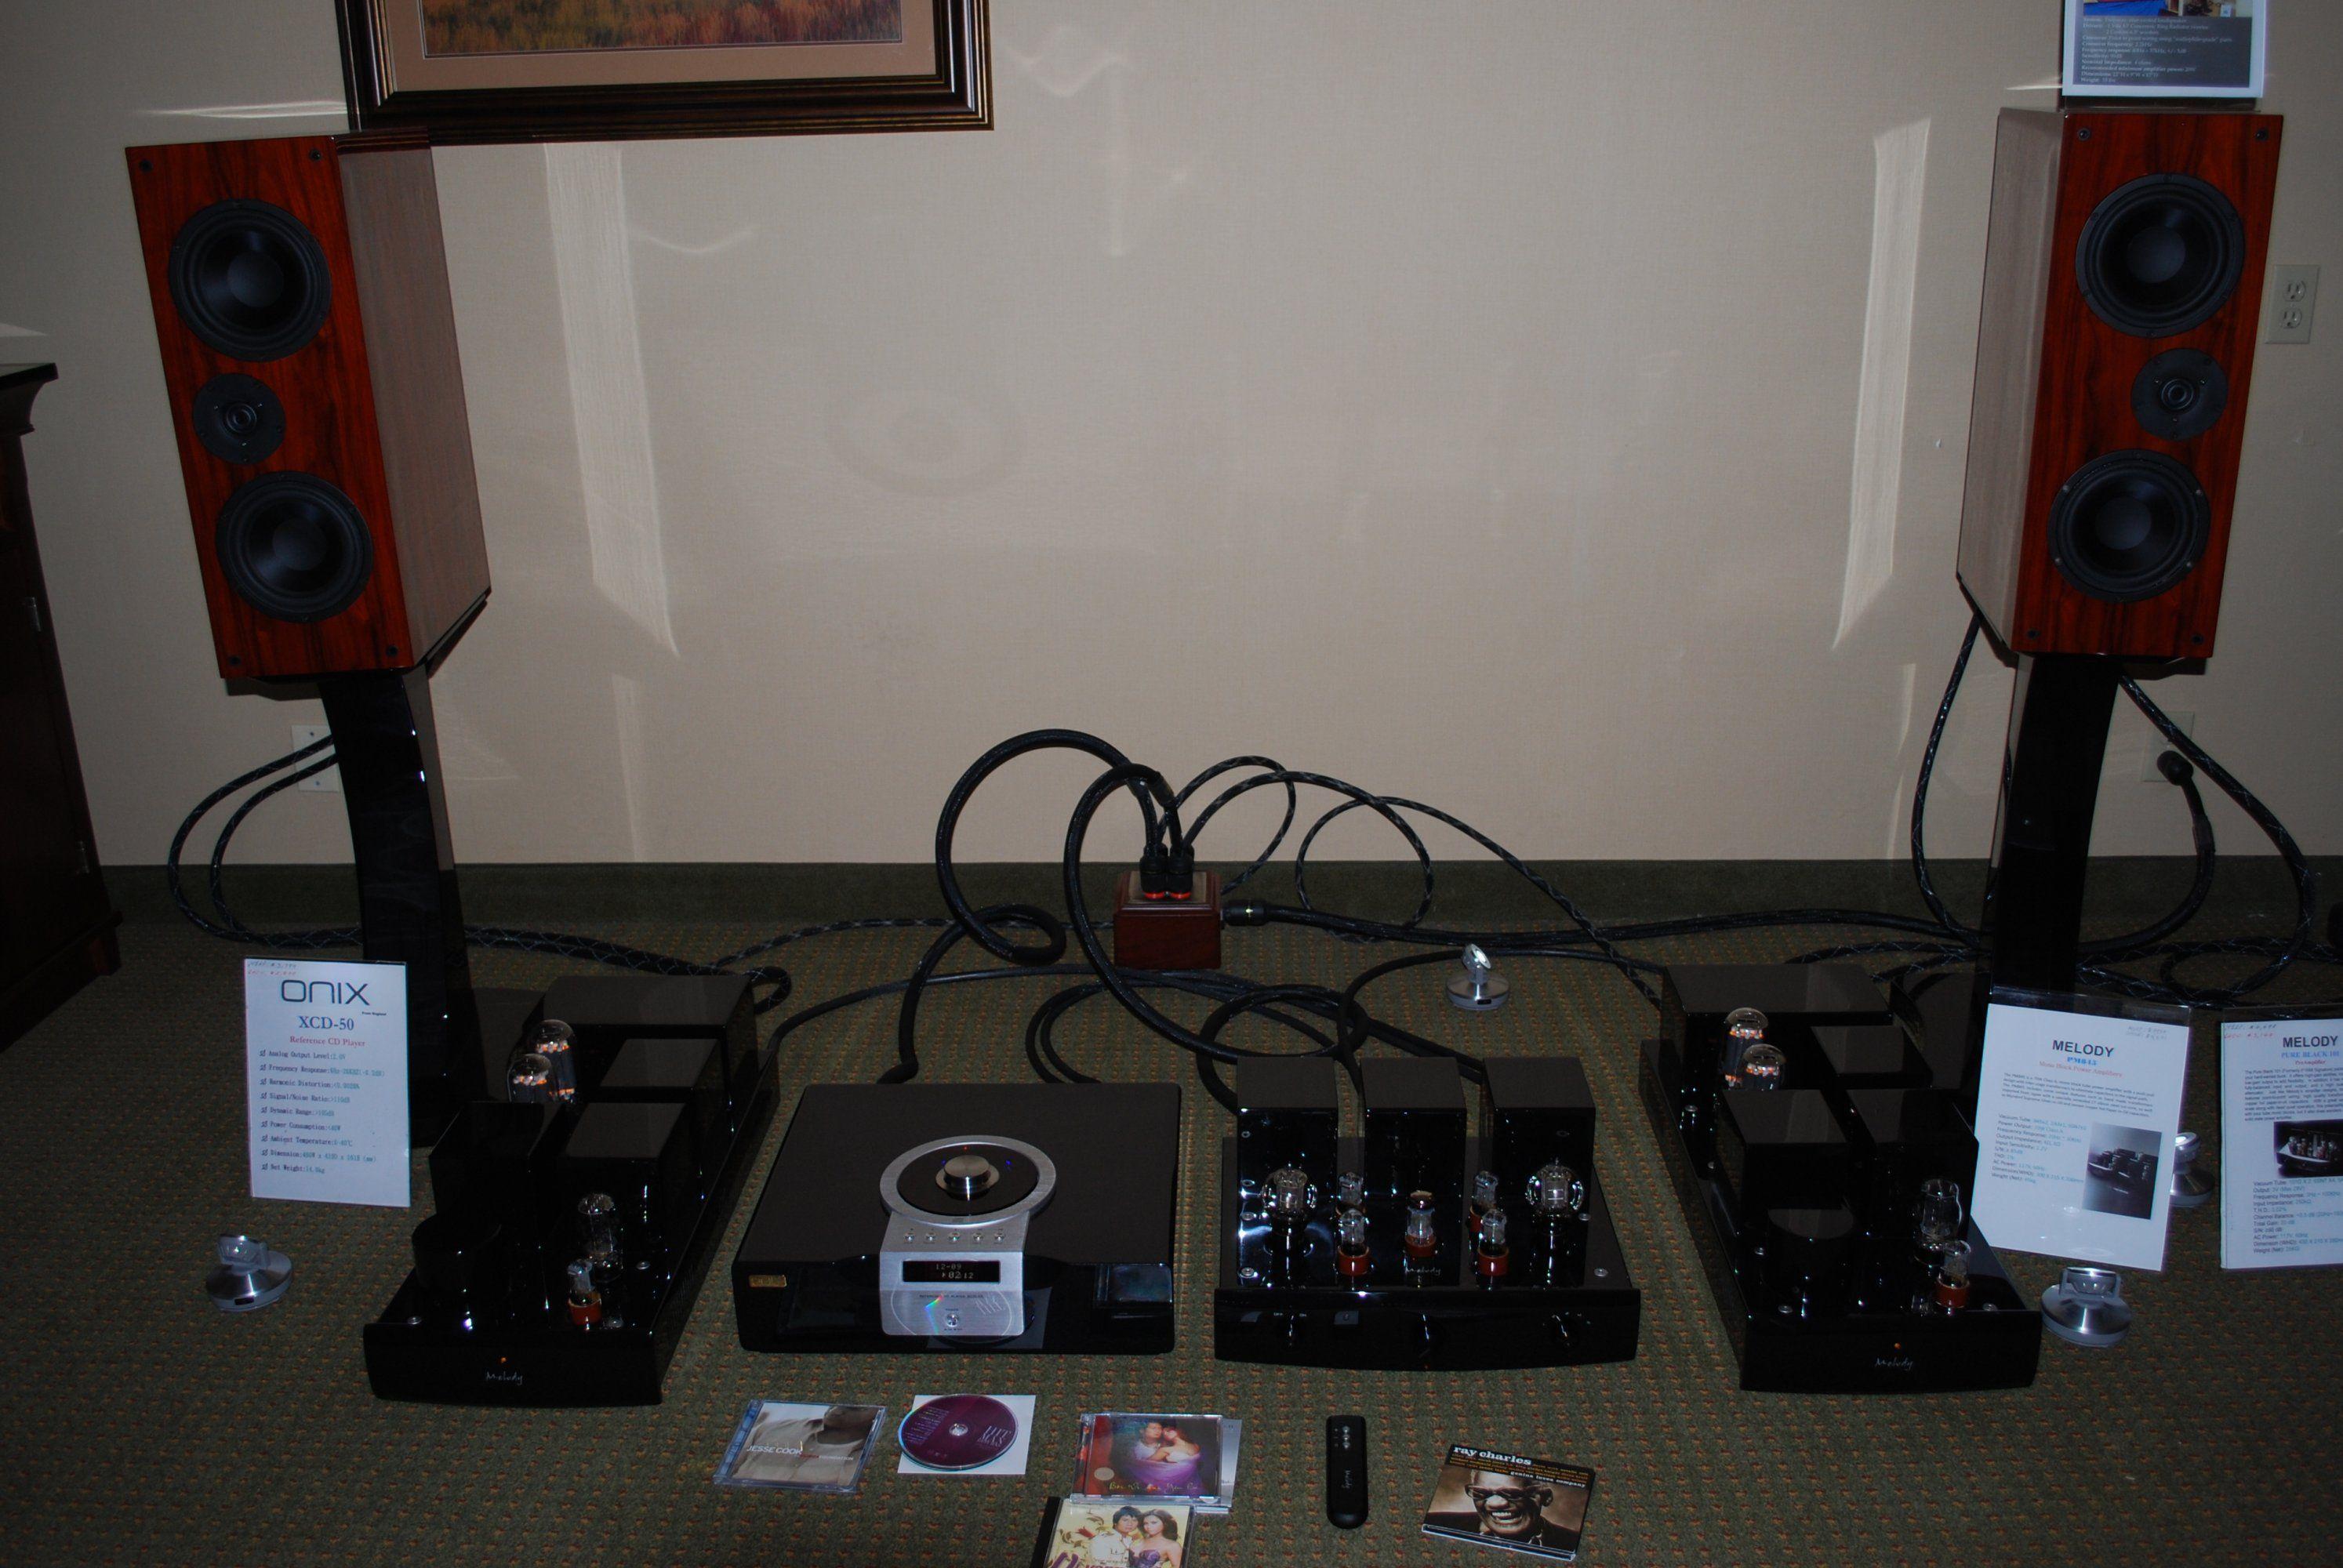 http://lonestaraudiofest.com/2011/Photos/LSAF_2011_068.jpg